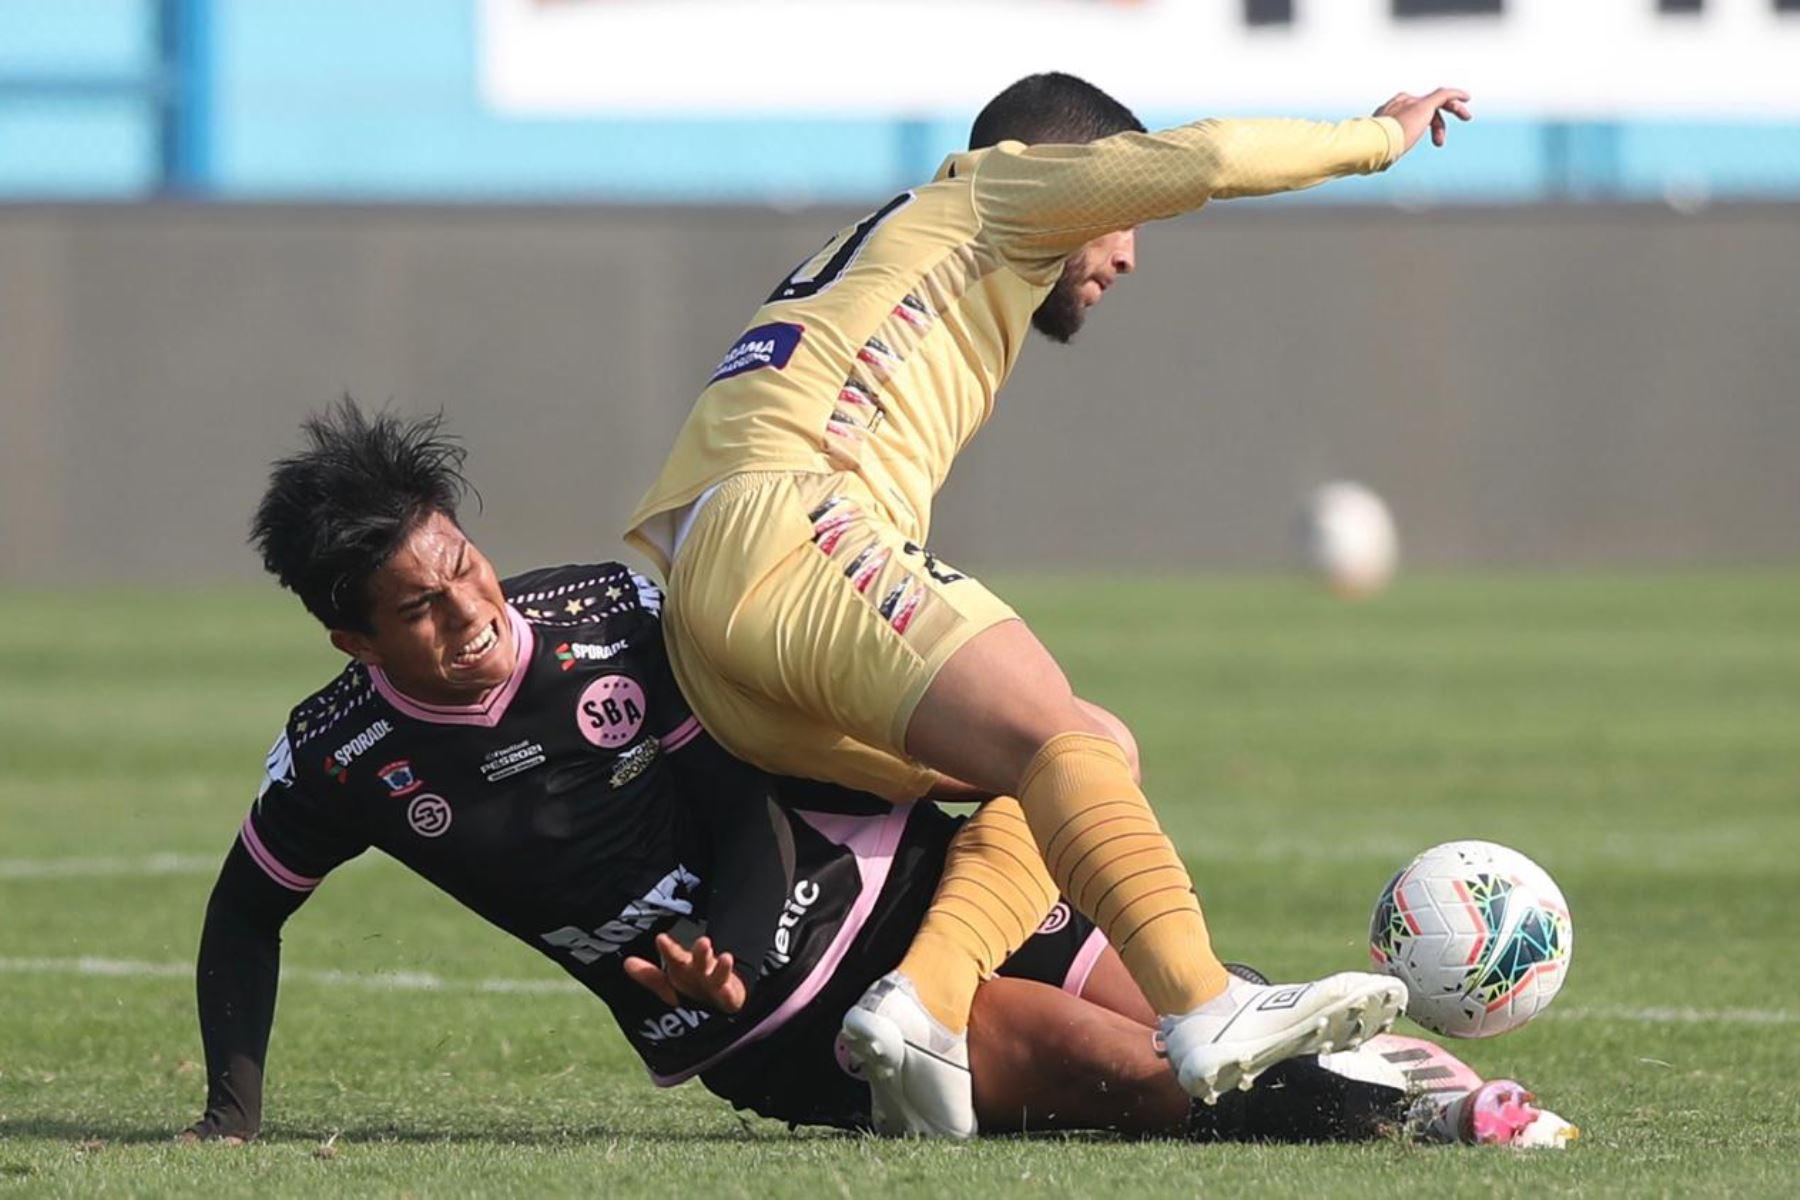 Club UTC  y Sport Boys se enfrentan por la jornada 10 de la Liga 1, en el estadio Alberto Gallardo.  Foto: LigaFutProf